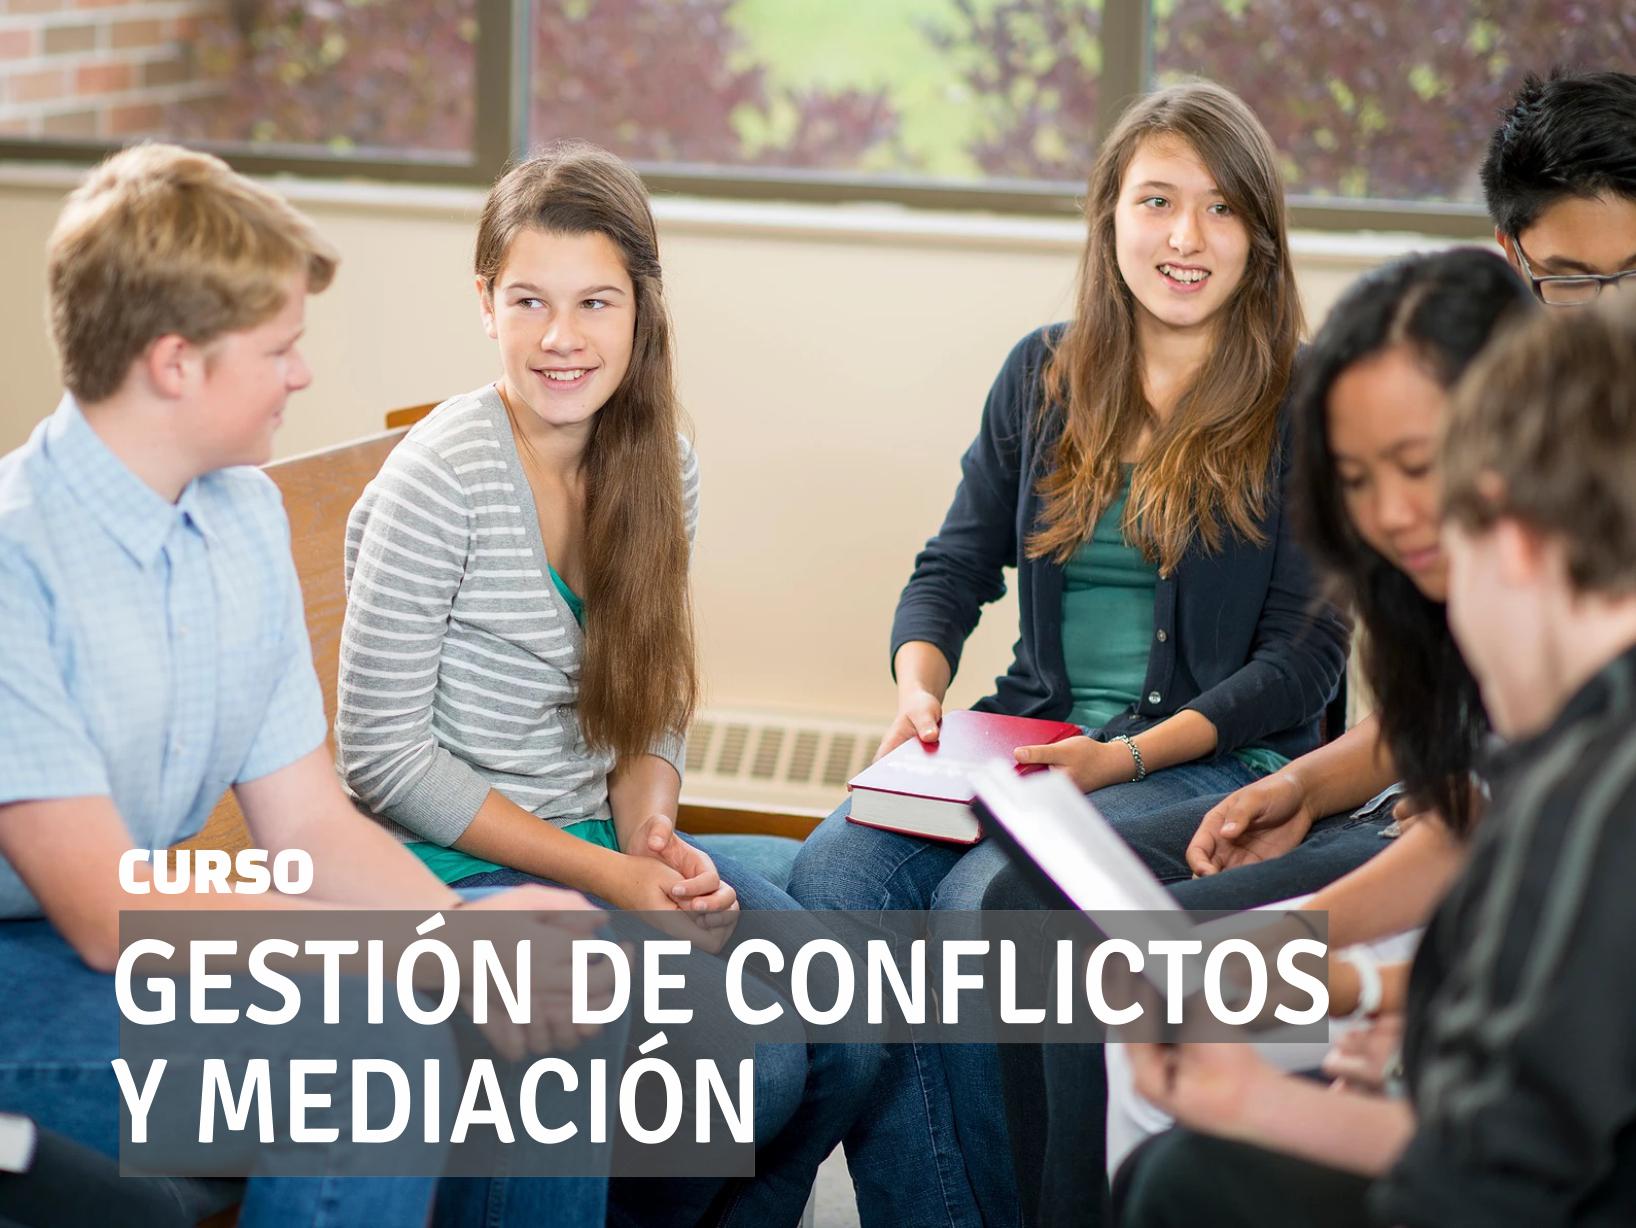 Curso GESTION CONFLICTO Y MEDIACION